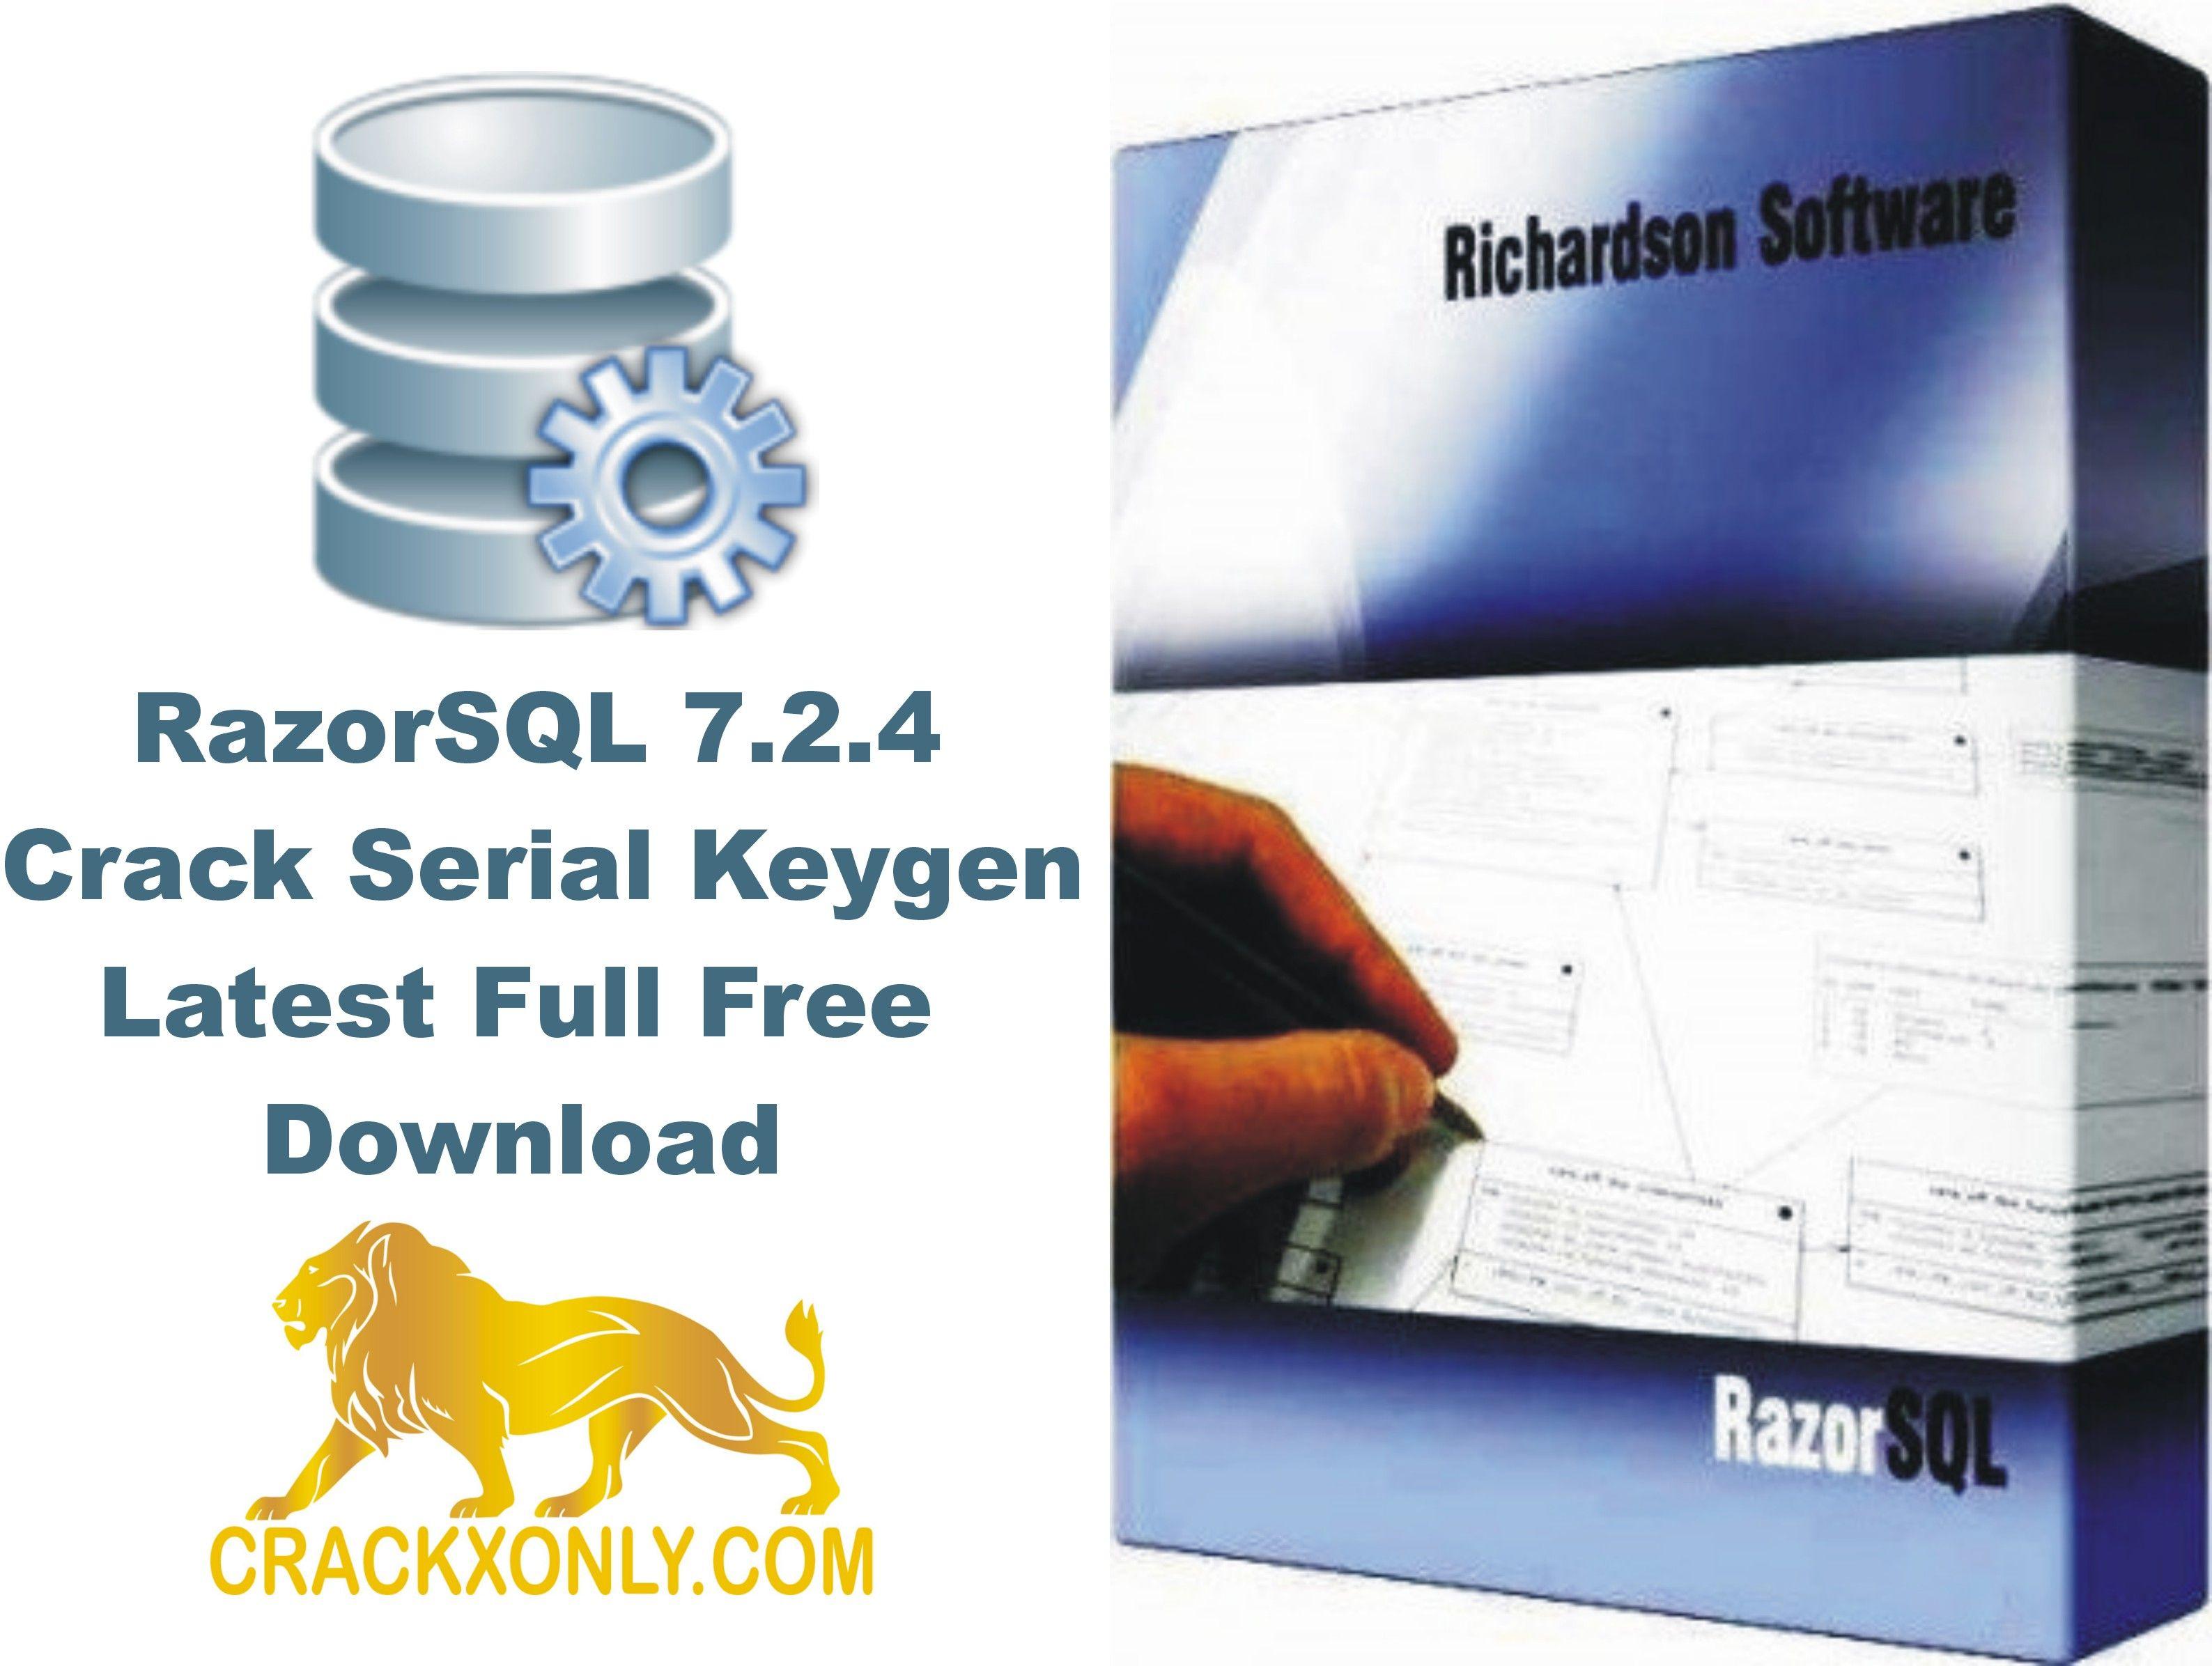 RazorSQL 7.2.4 Crack Serial Keygen Latest Full Free ...